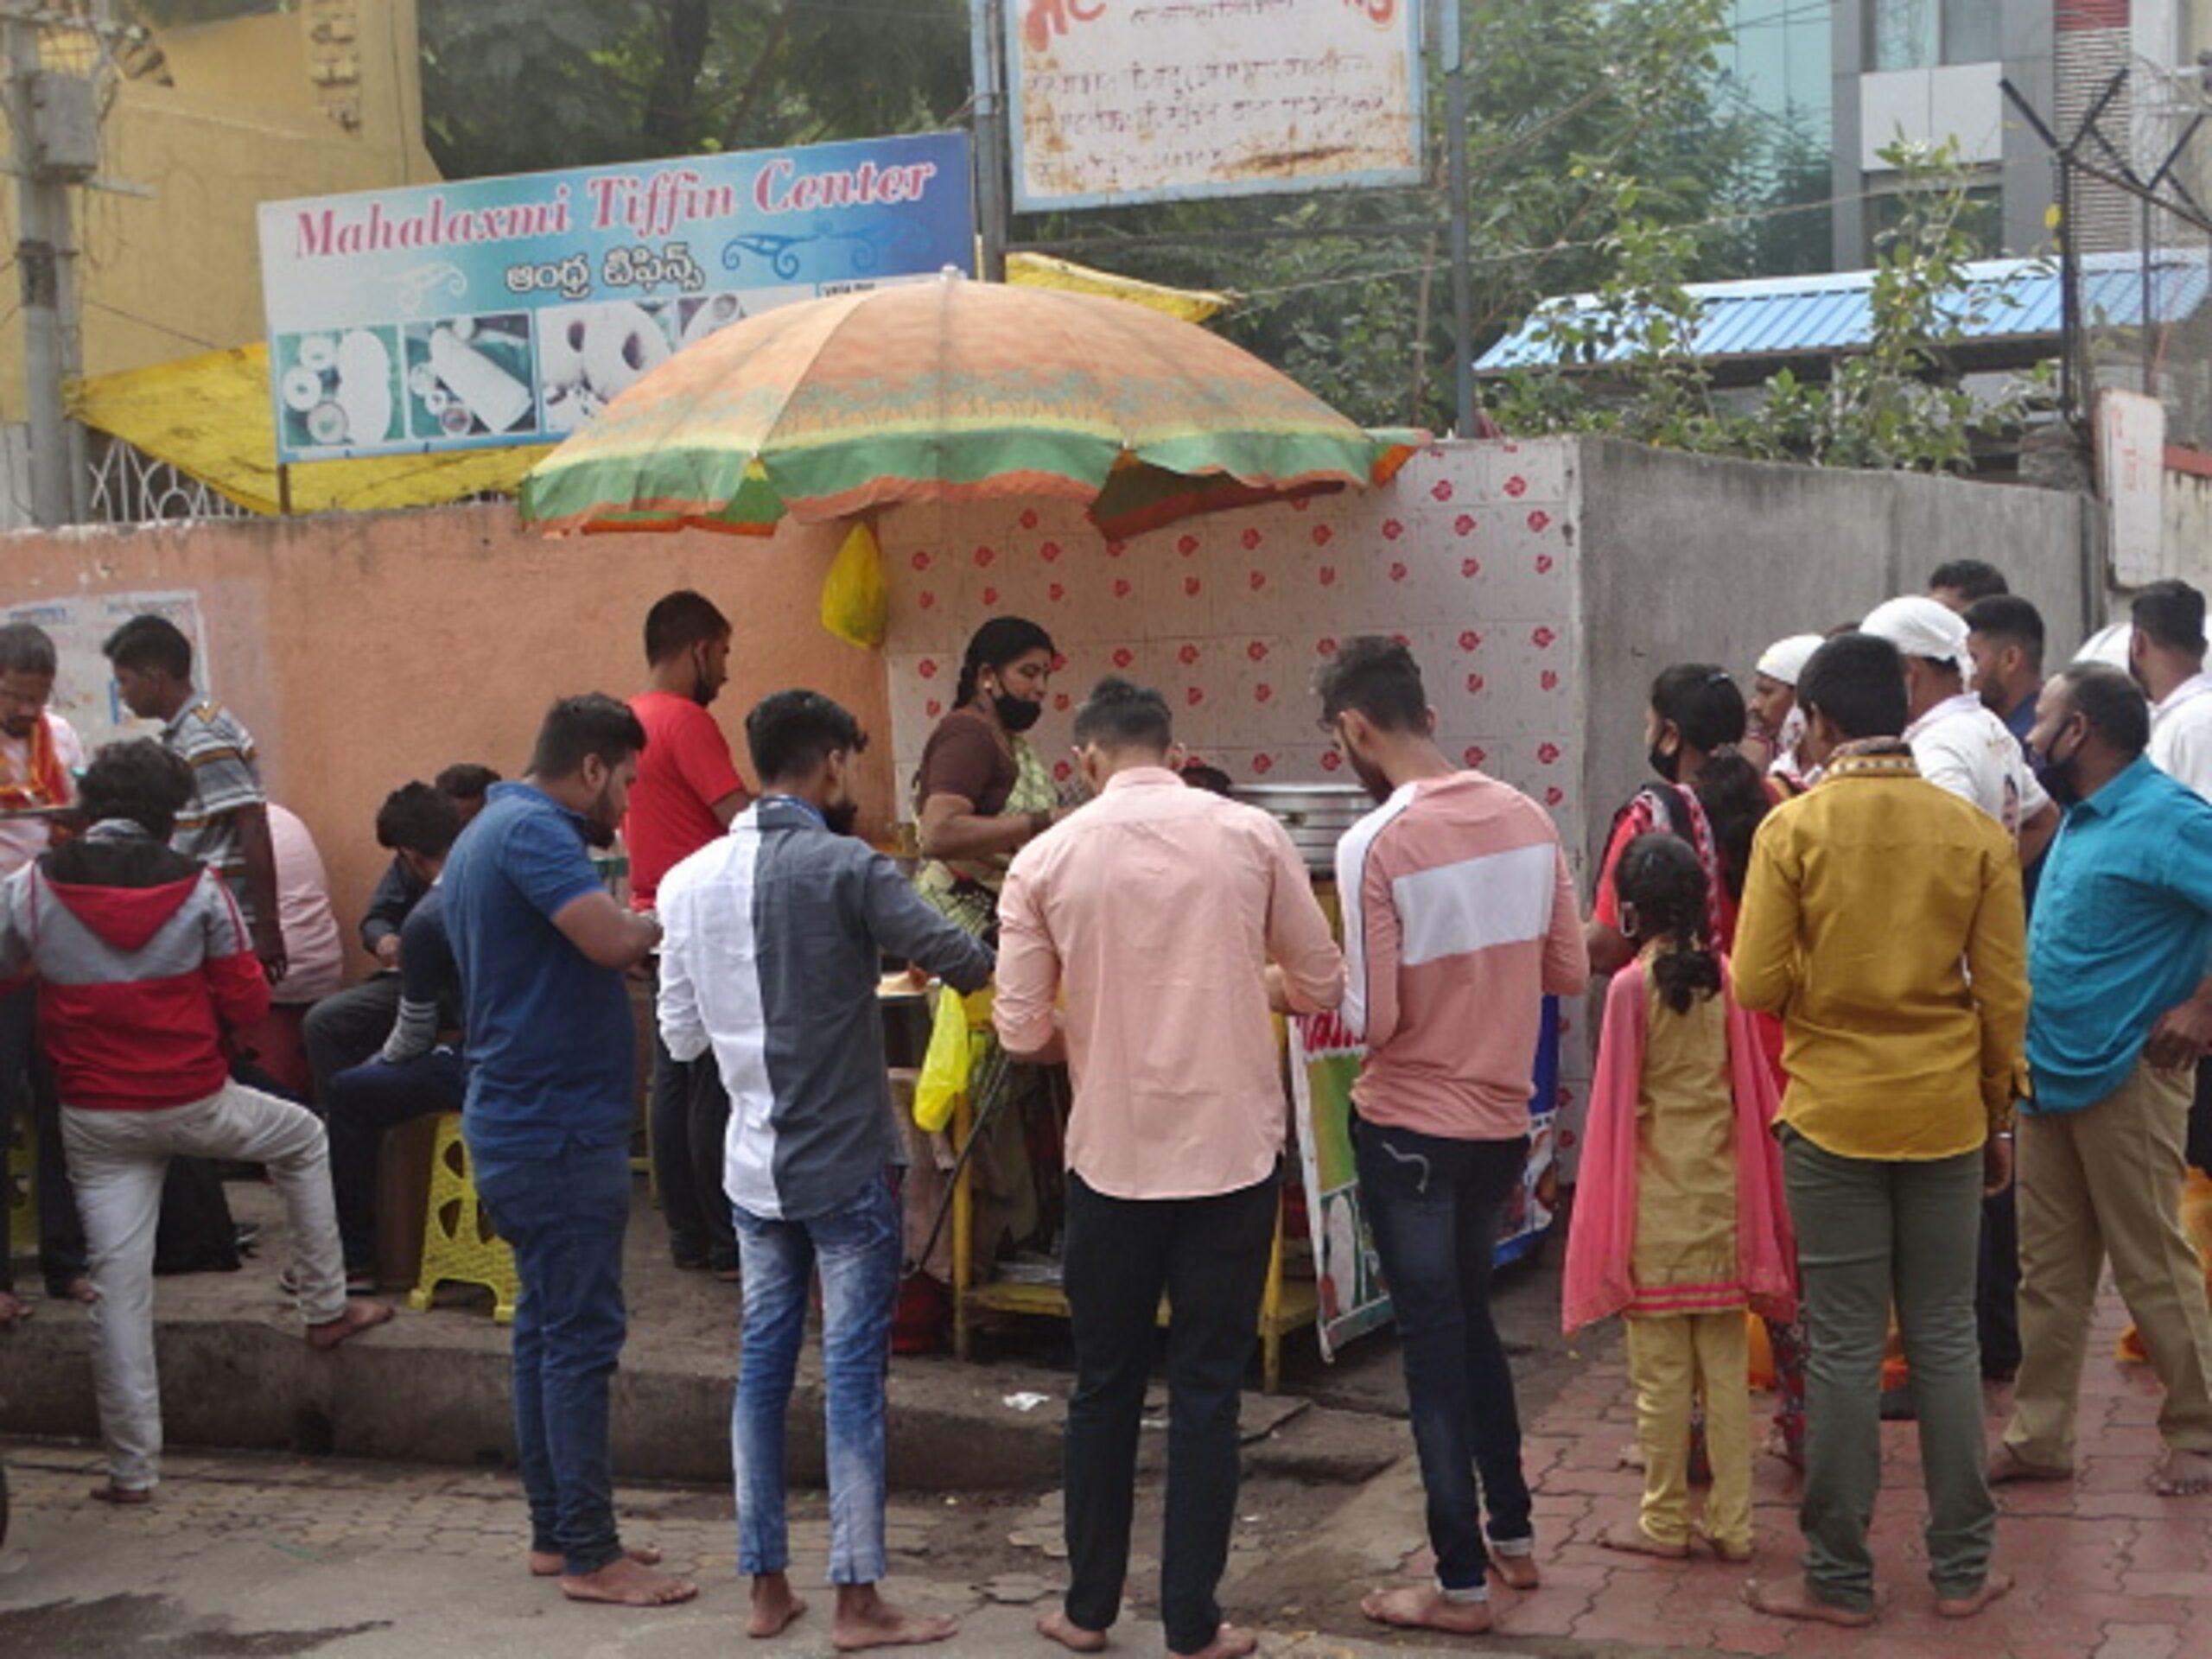 Mahalaxmi Tiffin Center, Next to Shree Mahalaxmi Mandir, Opposite - Chaha House, Shirdi, Maharashtra, India